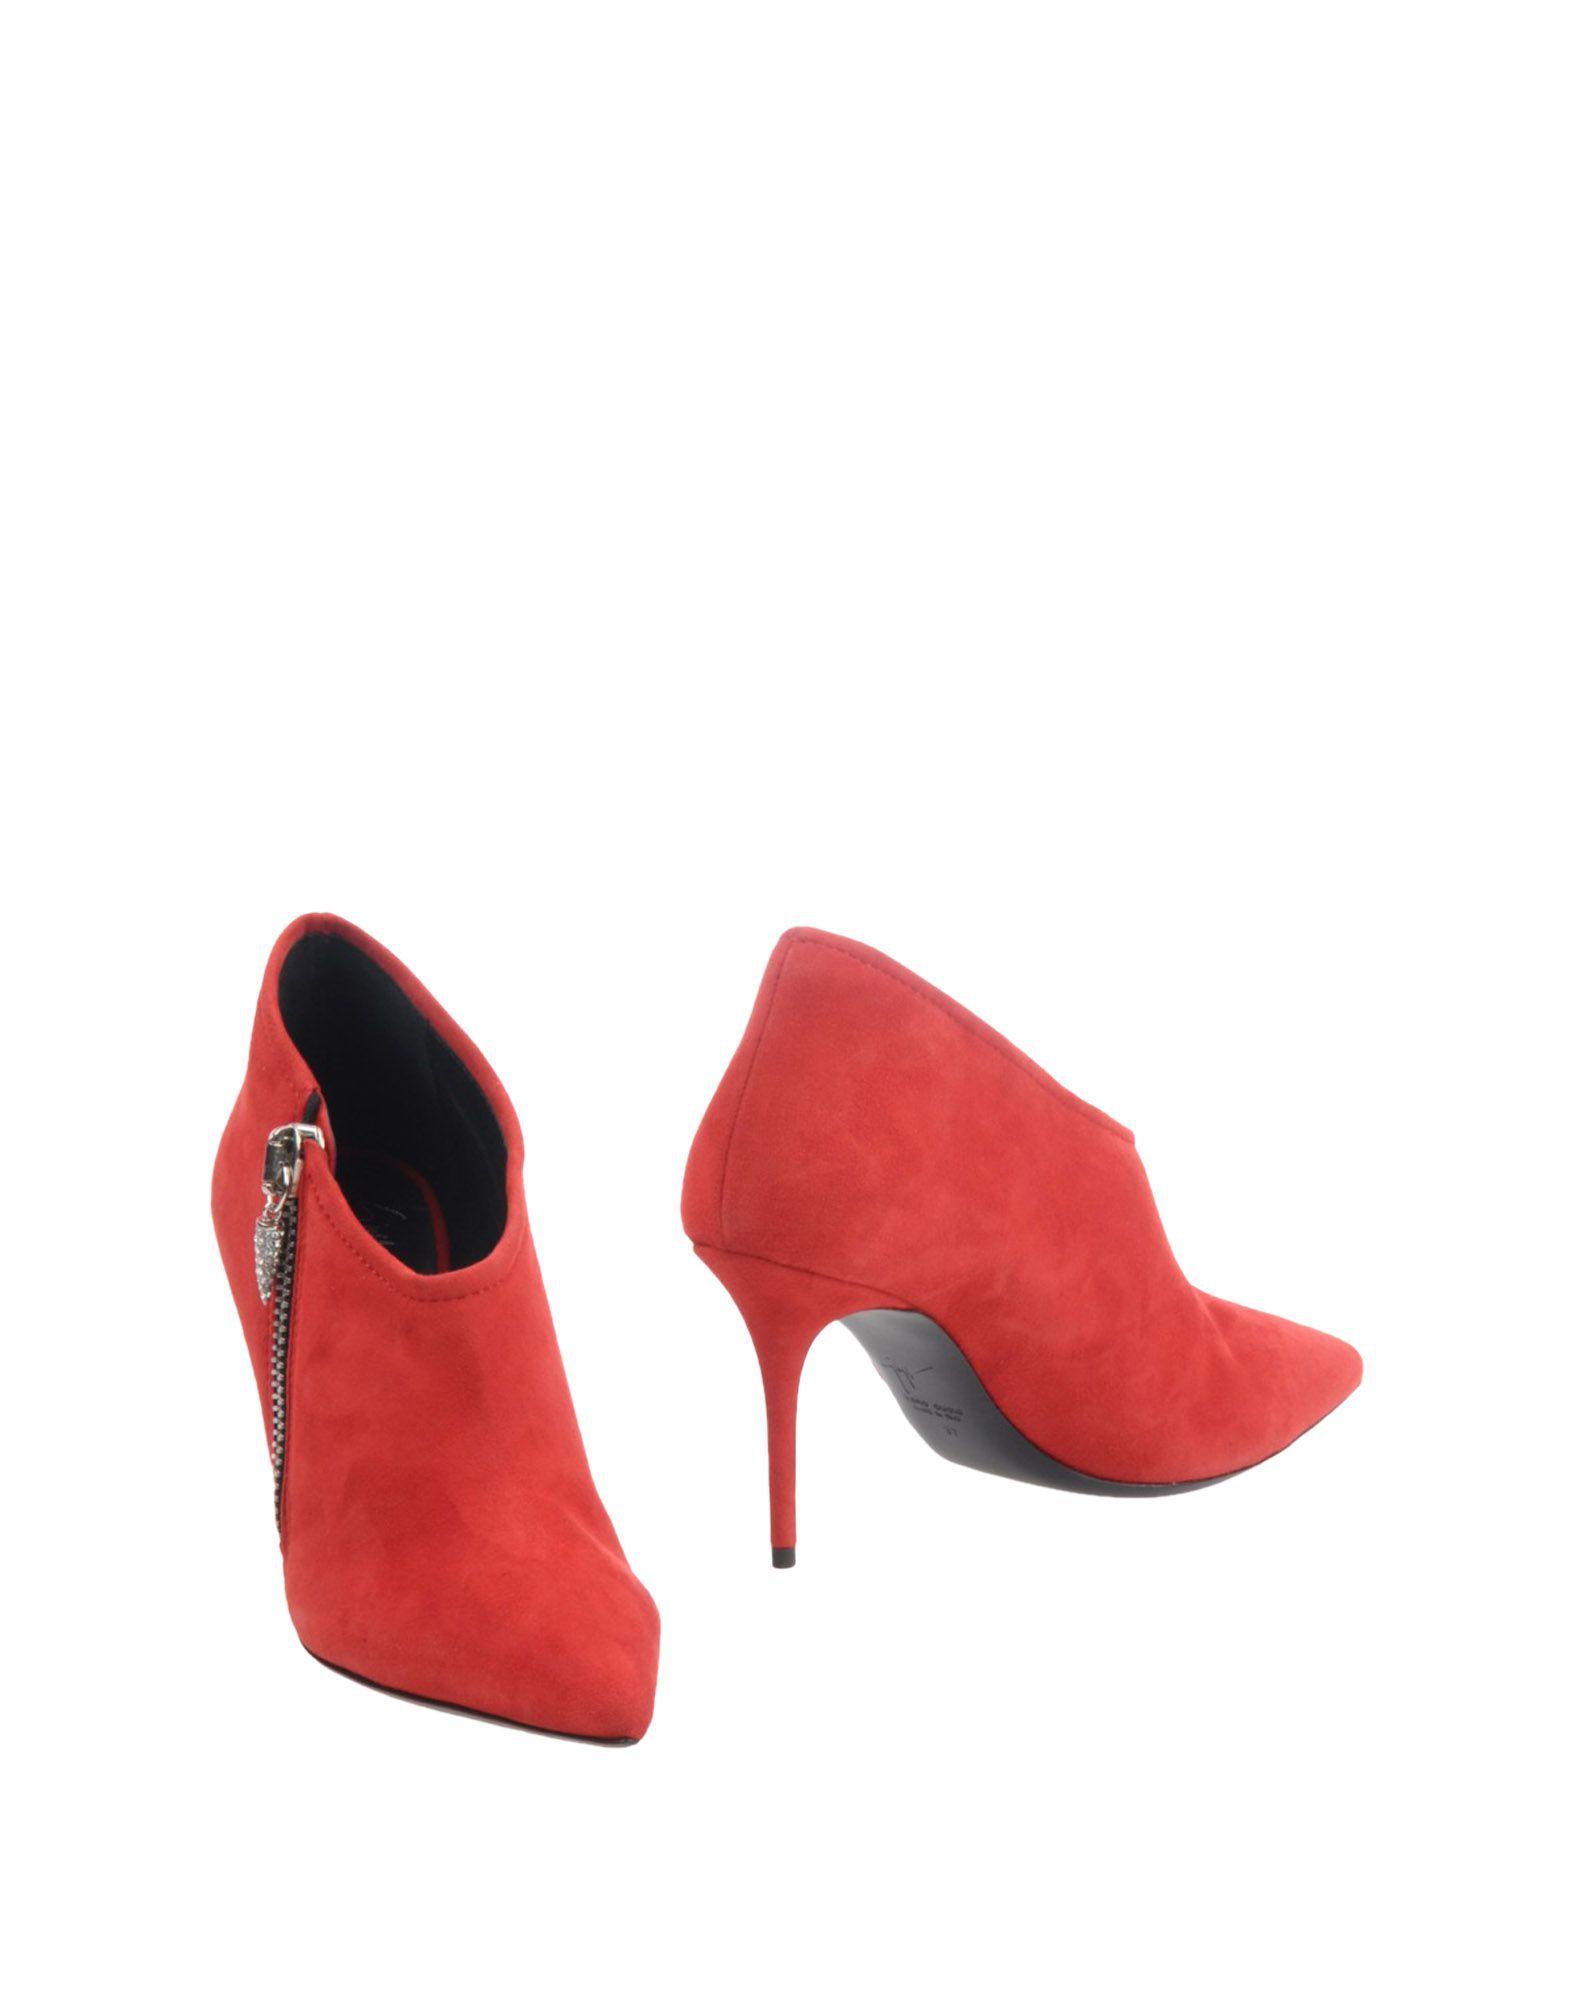 Giuseppe Zanotti Stiefelette Damen  11277019LKGünstige gut aussehende Schuhe